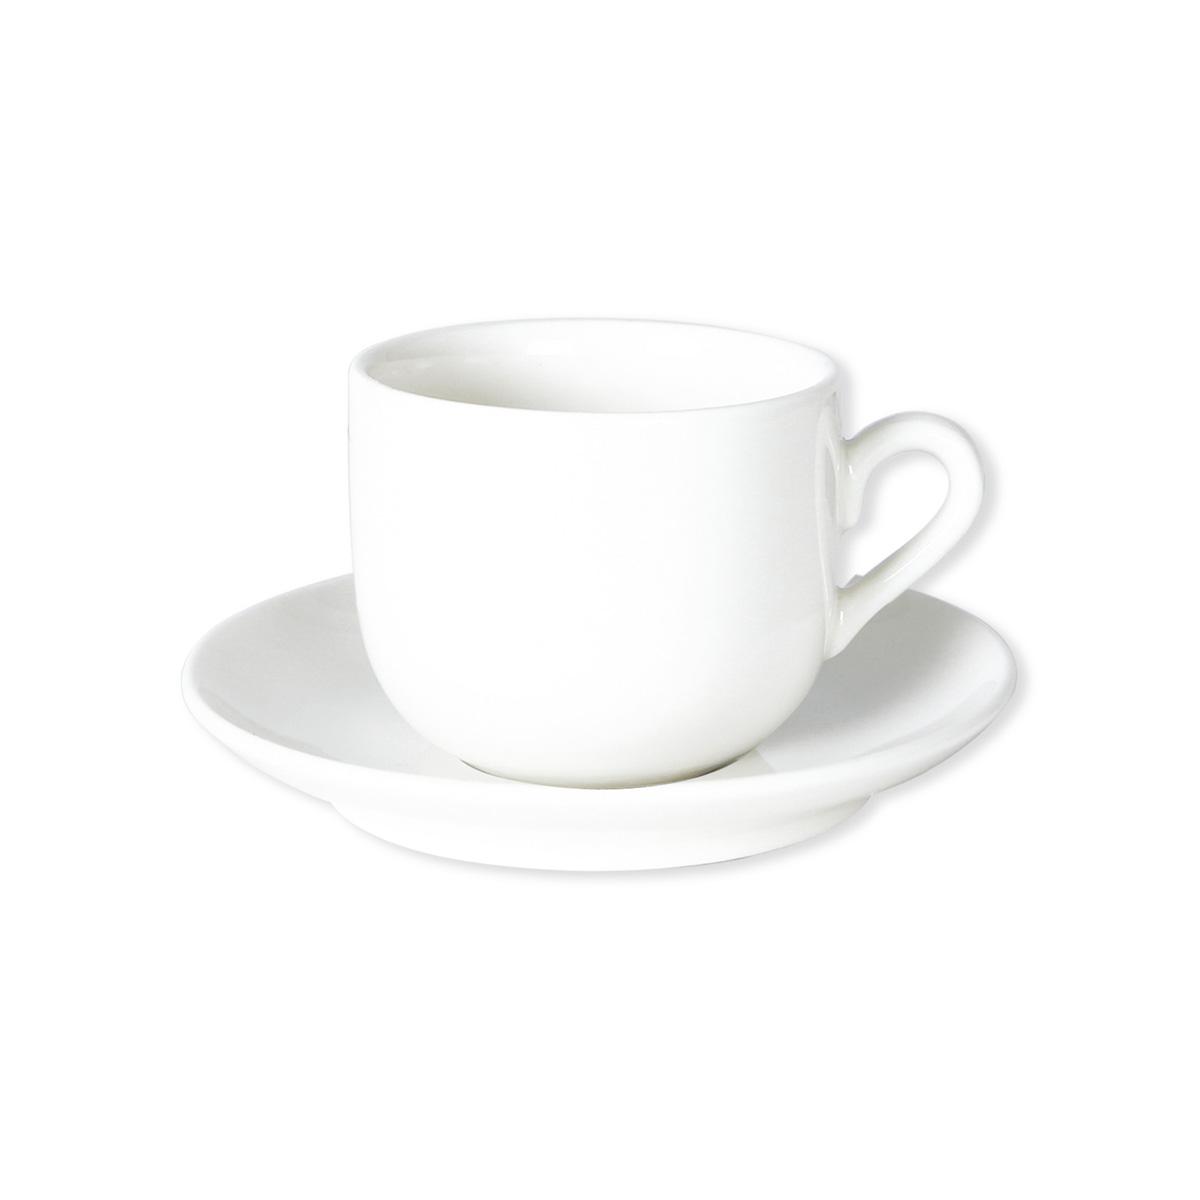 tasse et sous tasse caf design en porcelaine vaisselle tendance. Black Bedroom Furniture Sets. Home Design Ideas